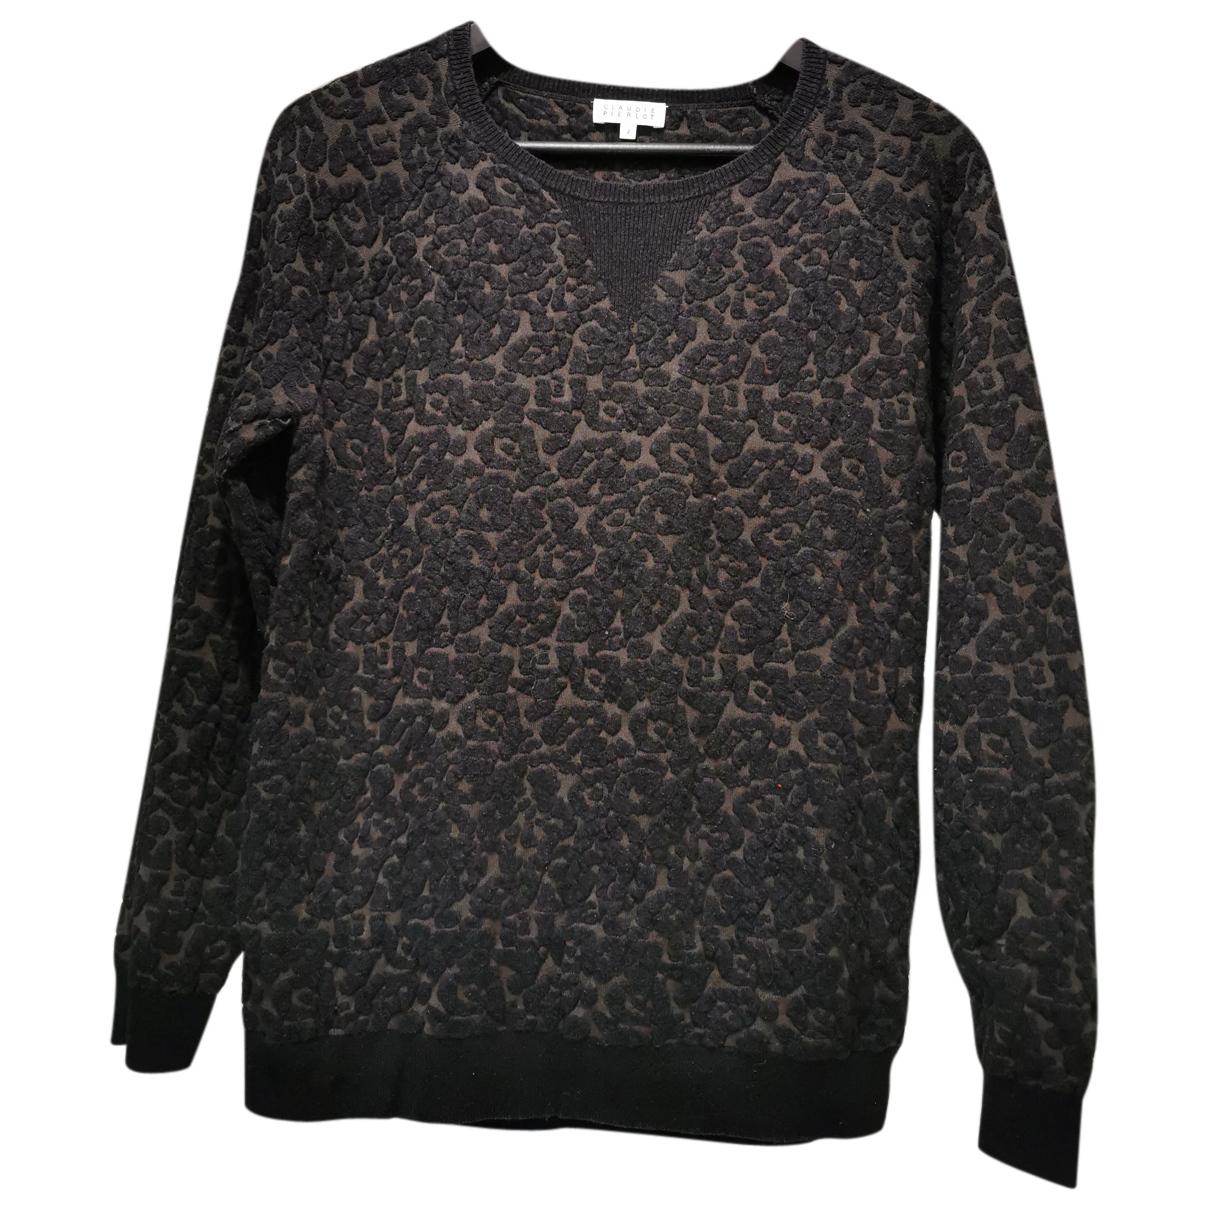 Claudie Pierlot N Black Cotton Knitwear for Women 2 US